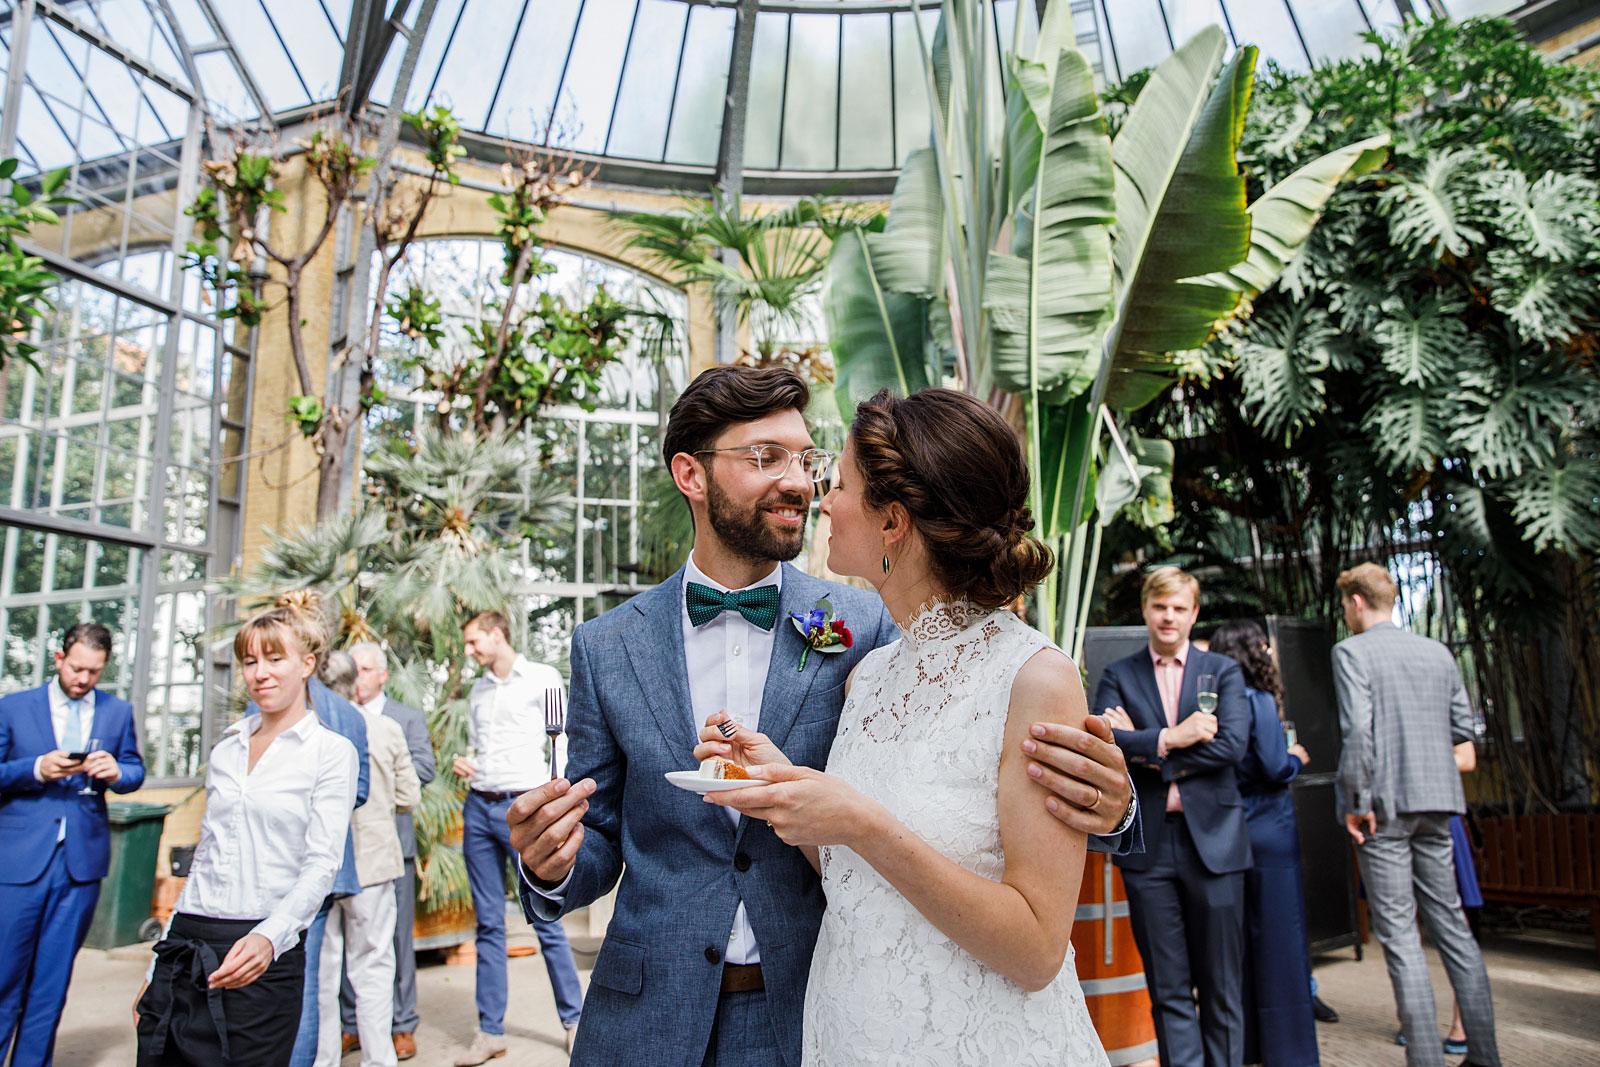 borrel bruiloft hortus botanicus